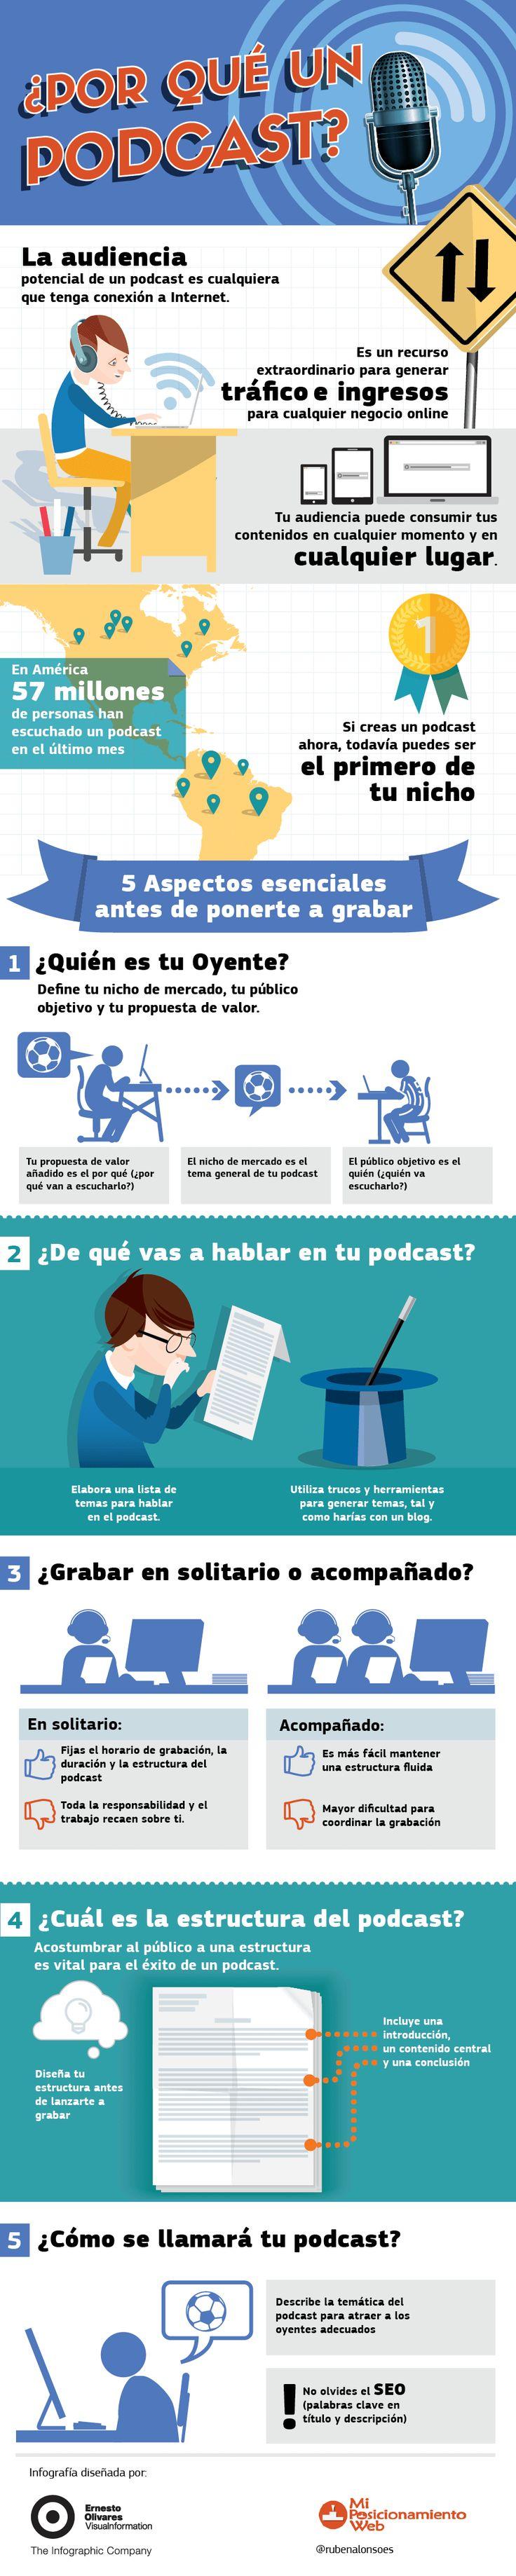 Rubén Alonso (Blogger de Referencia en SEO y Marketing Digital), y Victor Feito comparten este gran Post sobre Podcasting.